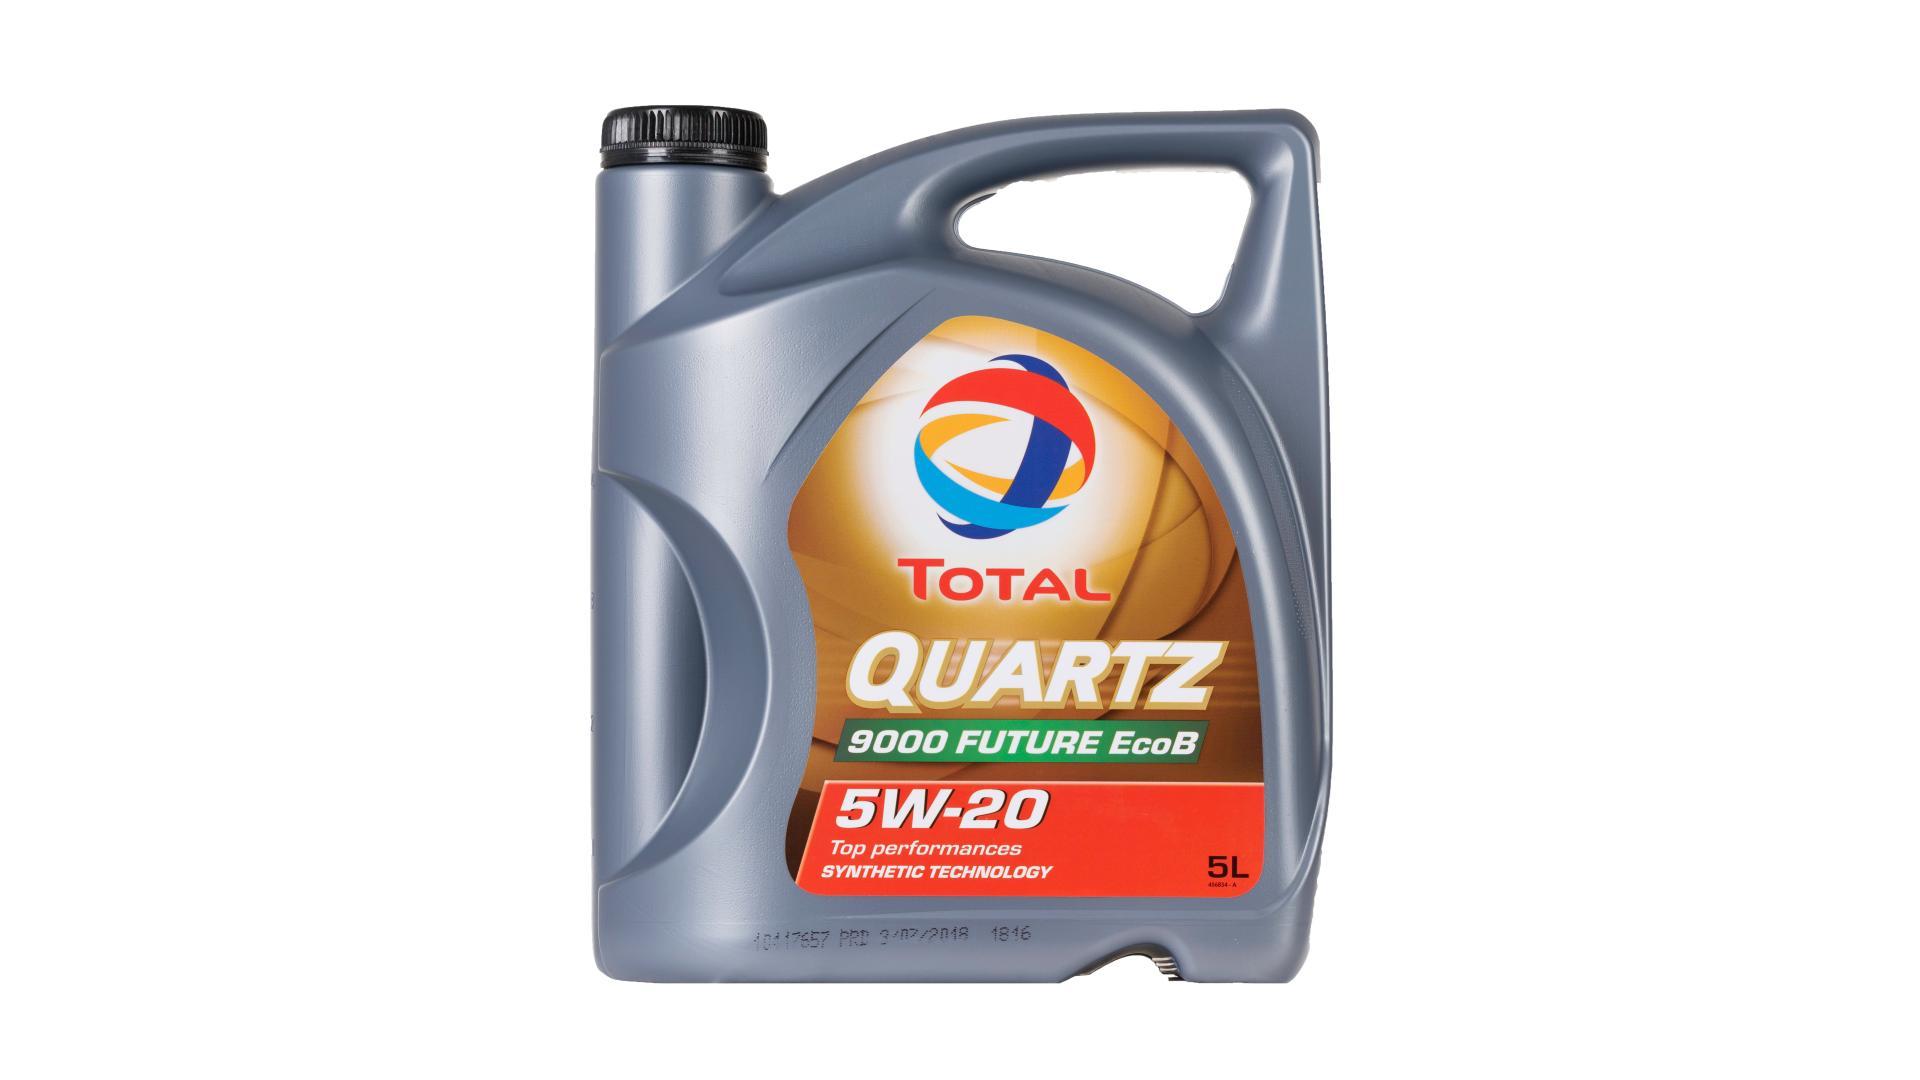 Total 5W-20 Quartz 9000 Future ECOB-5L (195027)